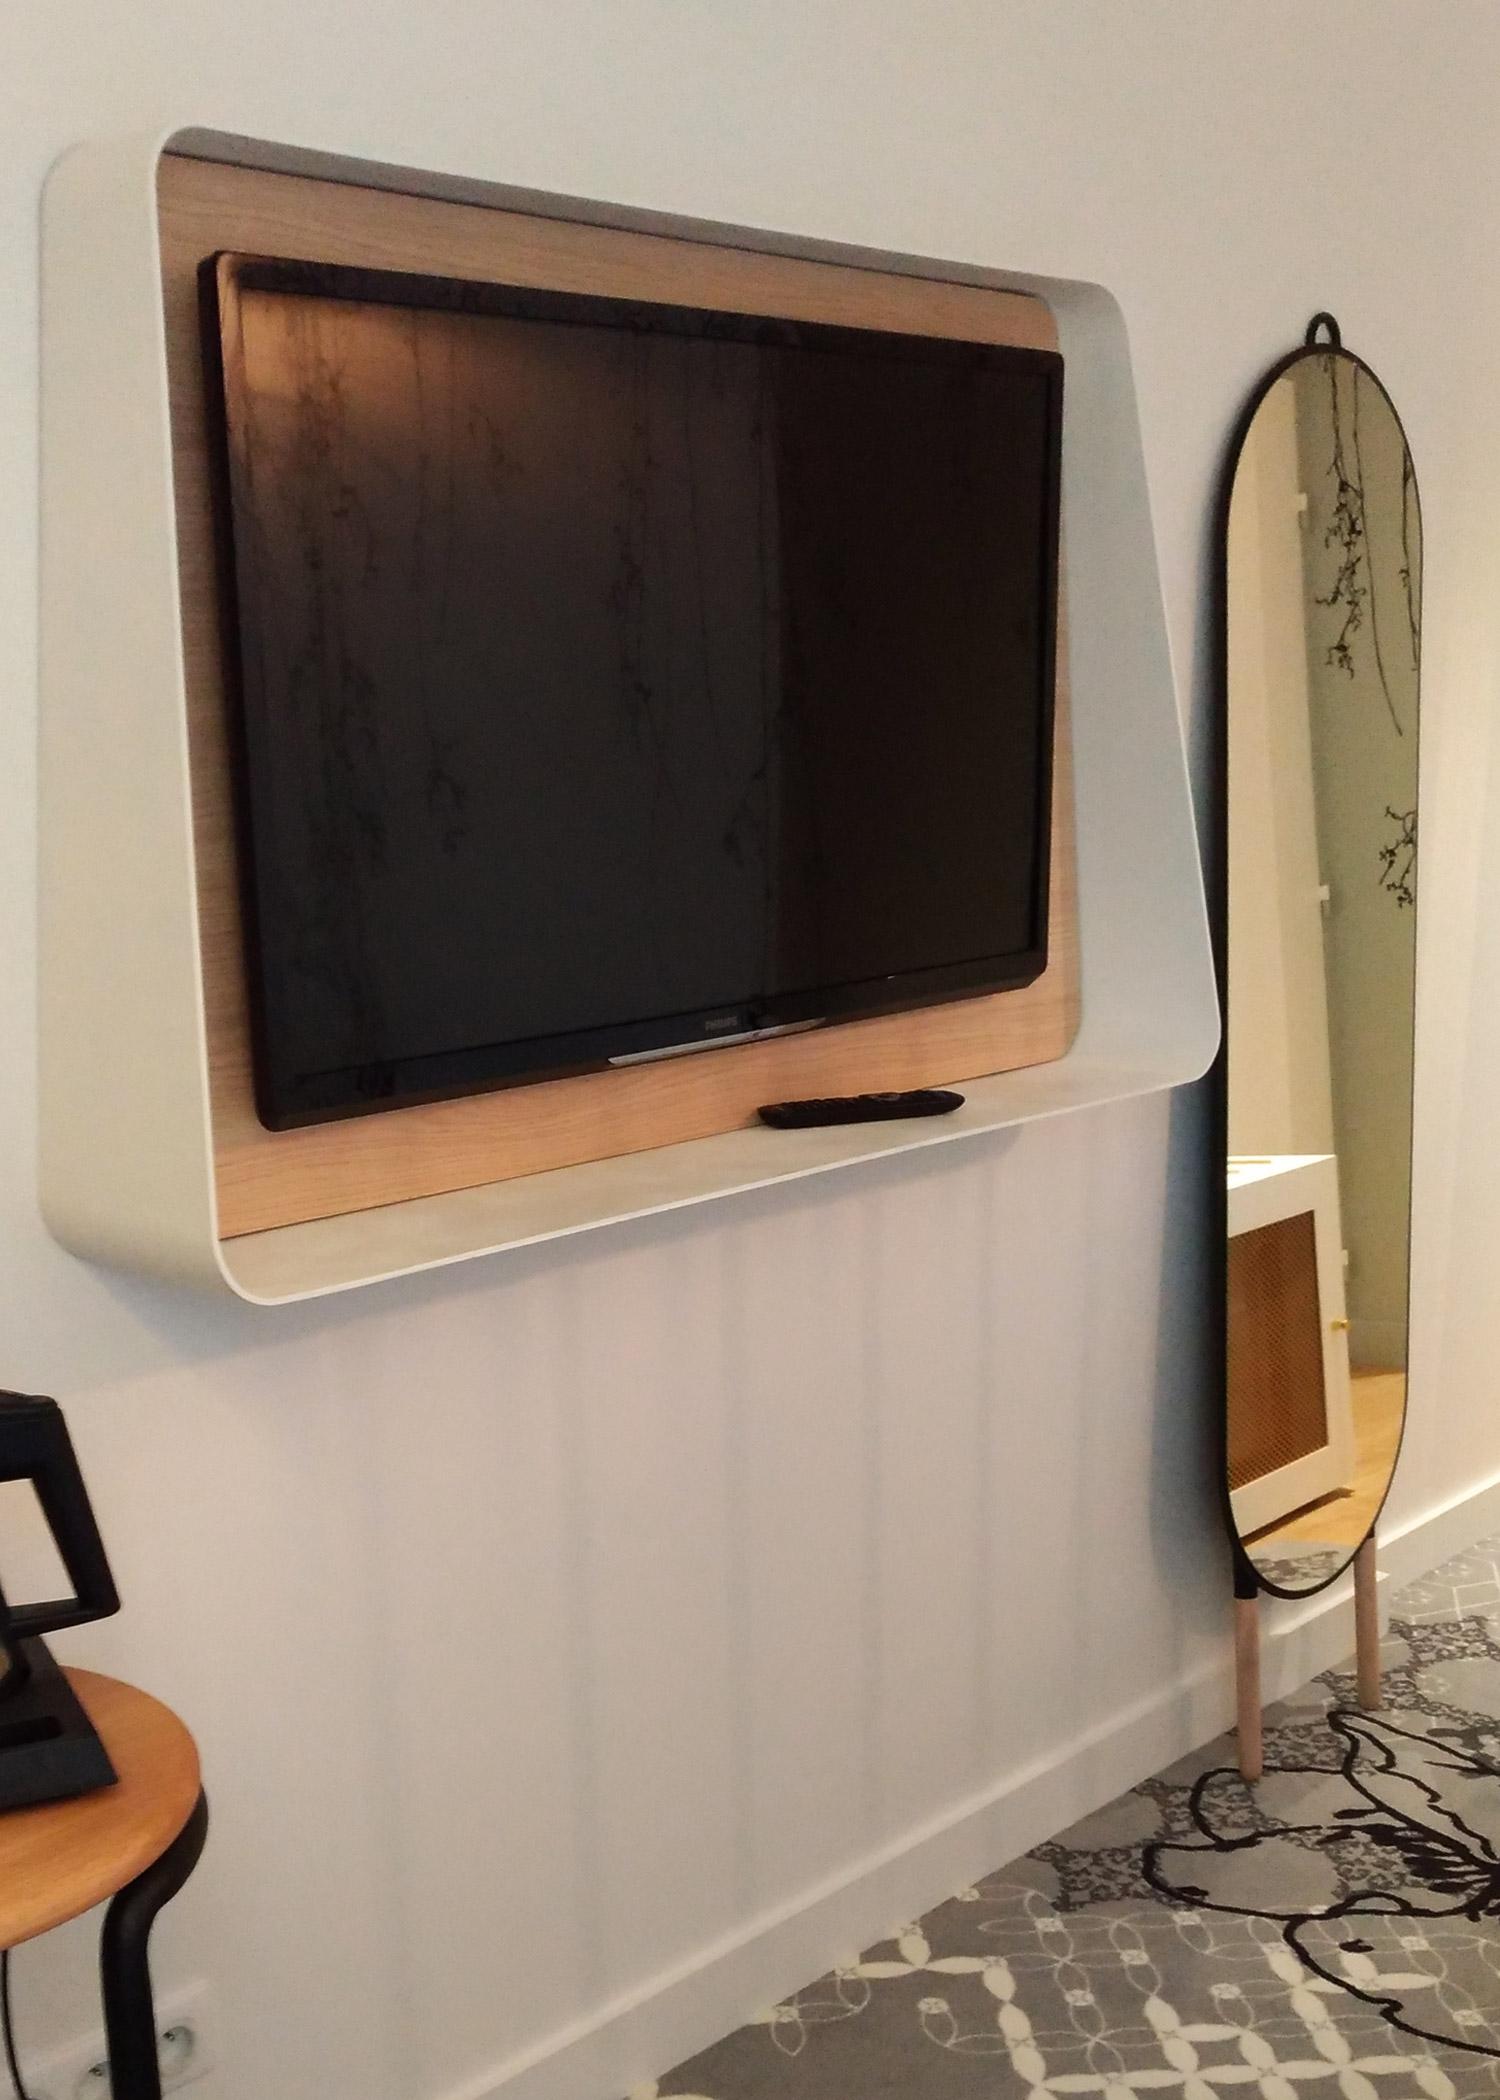 Mobilier Sur Mesure Chambre T Moin H Tel Mercure Les Pieds Sur La  # Meuble A Ecran Plat Dans Une Chambre